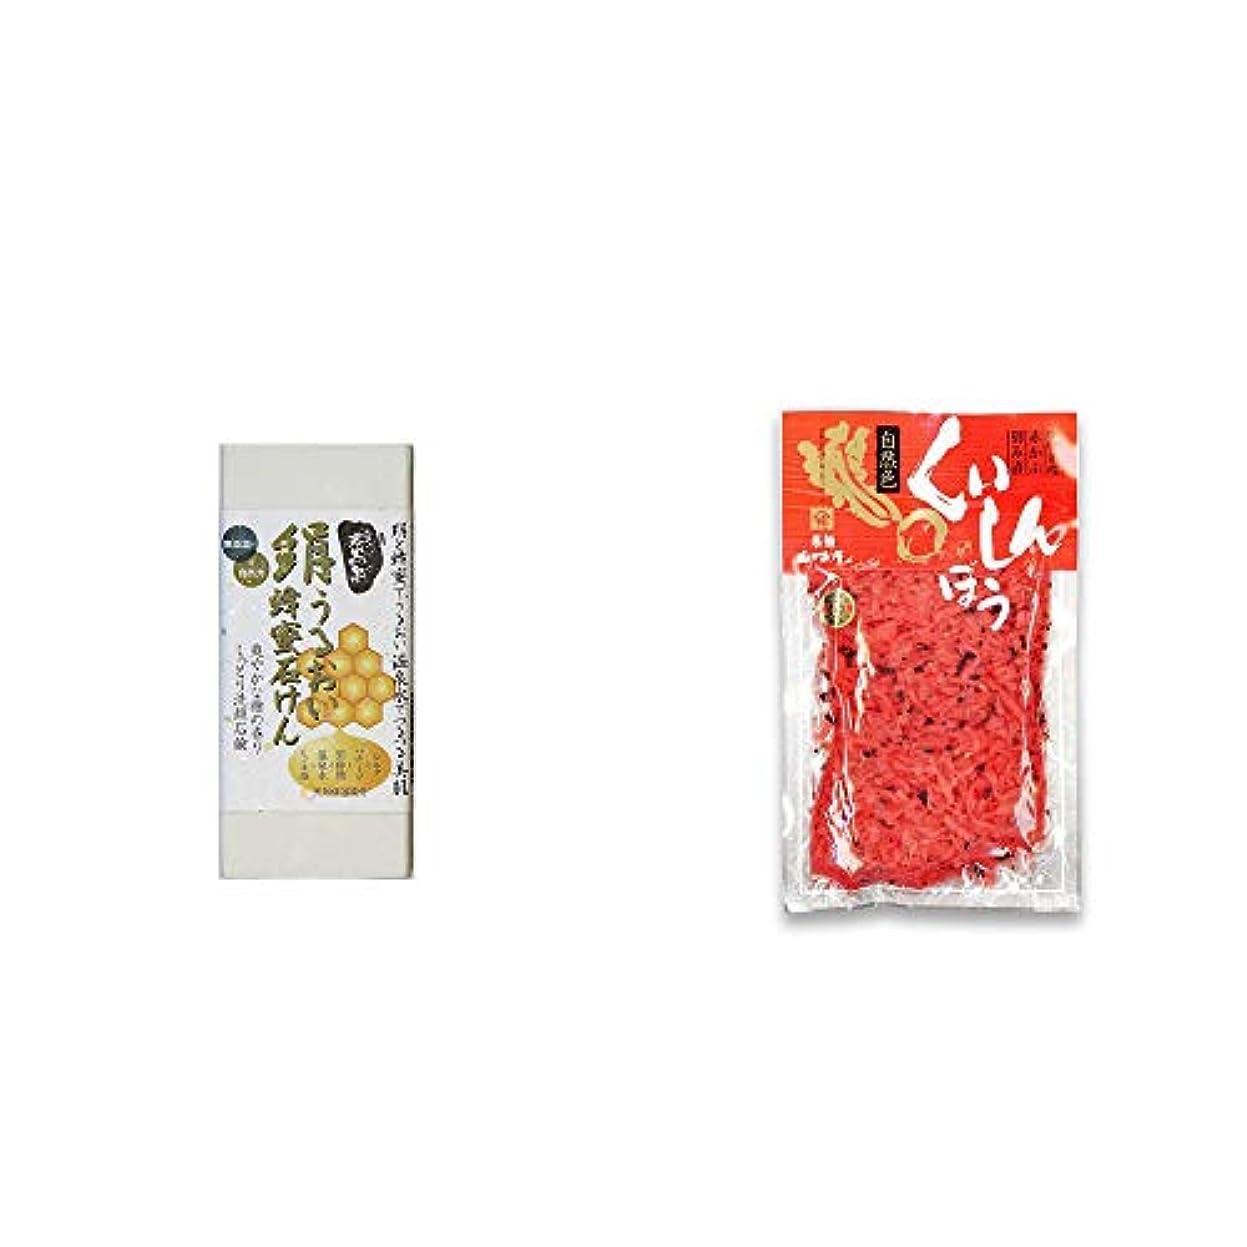 不適切な花わざわざ[2点セット] ひのき炭黒泉 絹うるおい蜂蜜石けん(75g×2)?飛騨山味屋 くいしんぼう【大】(260g) [赤かぶ刻み漬け]